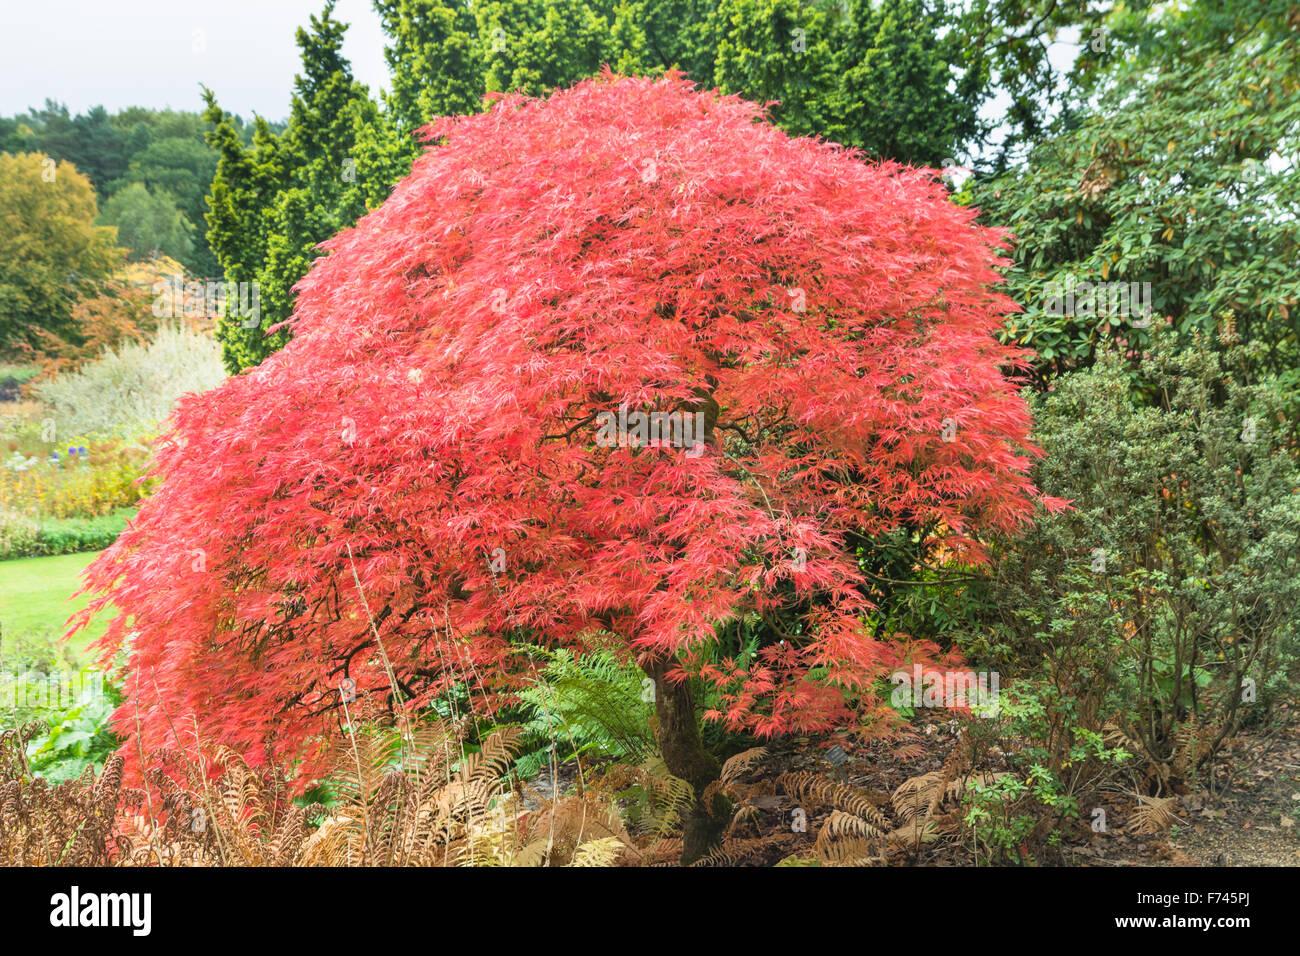 Acer Palmatum Dissectum Atropurpureum Japanese Maple Stock Photo